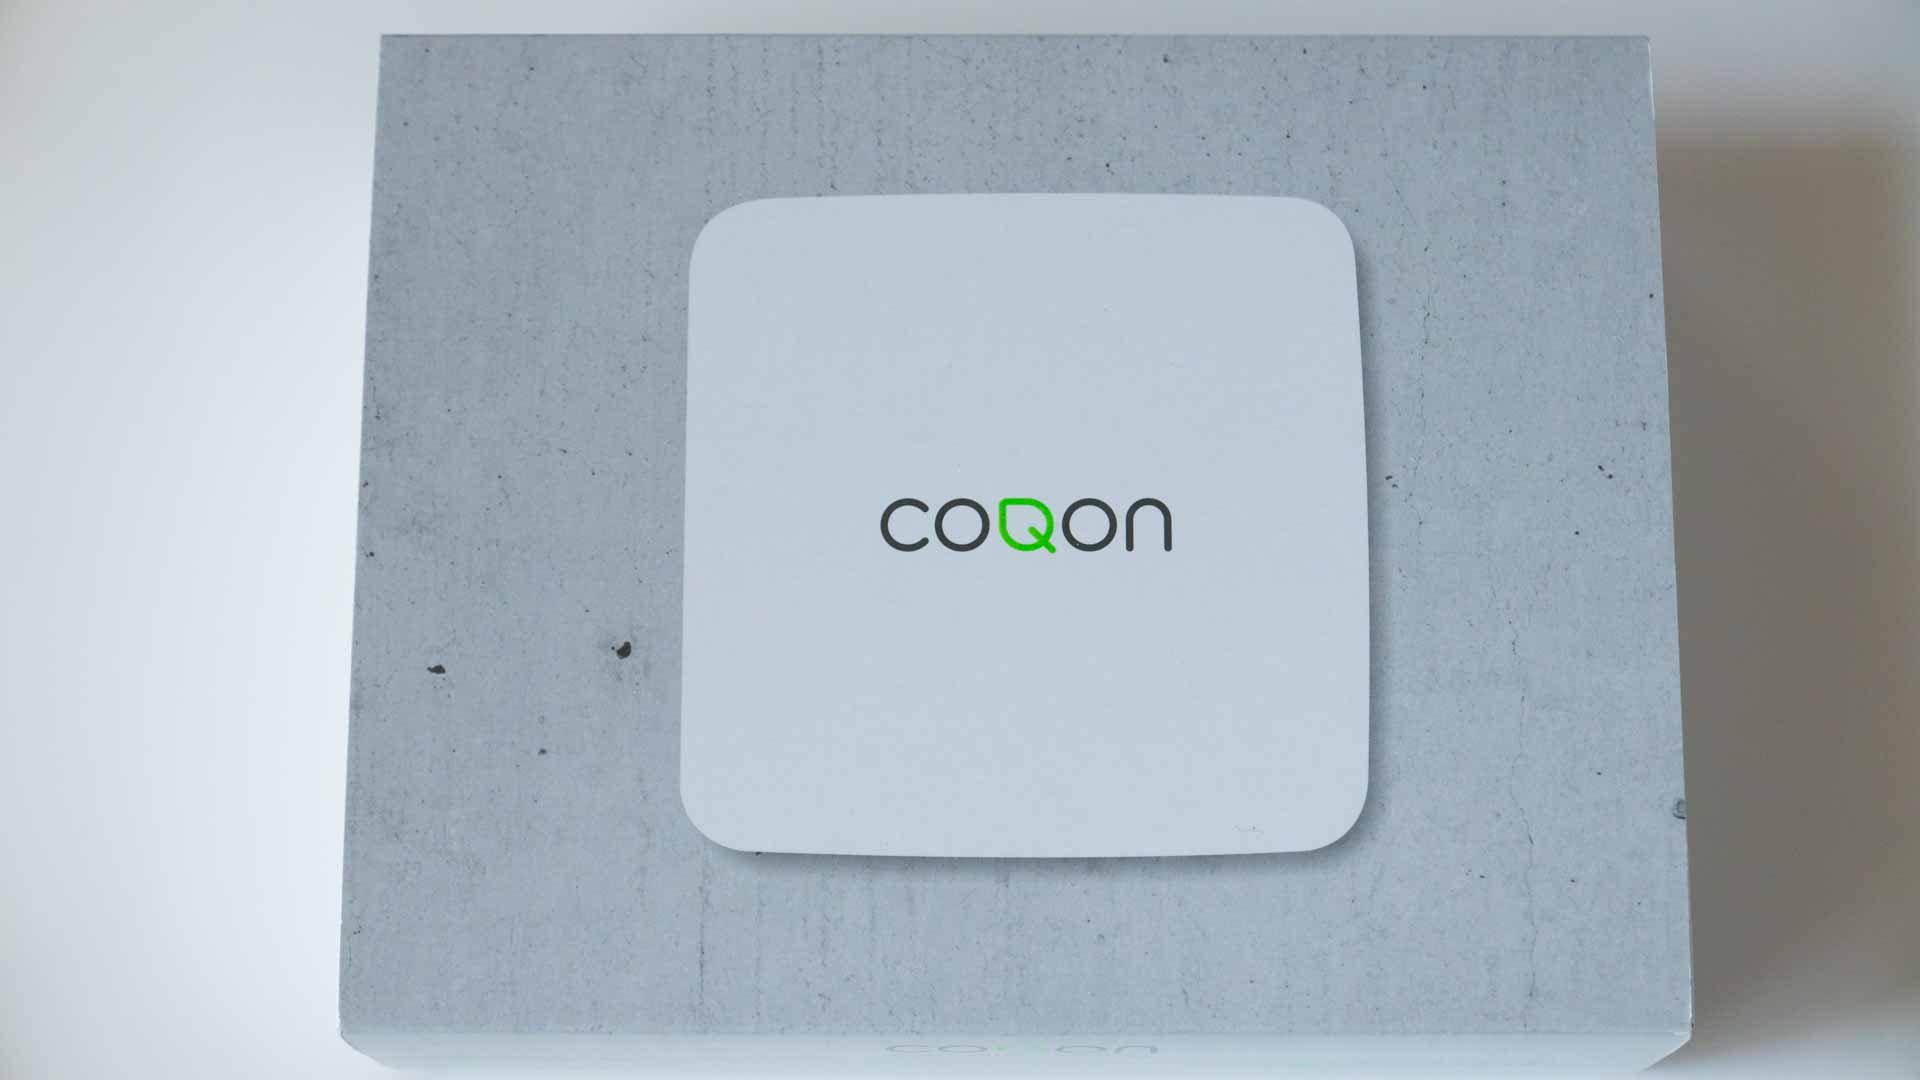 COQON-Q-Box-Verpackung-oben